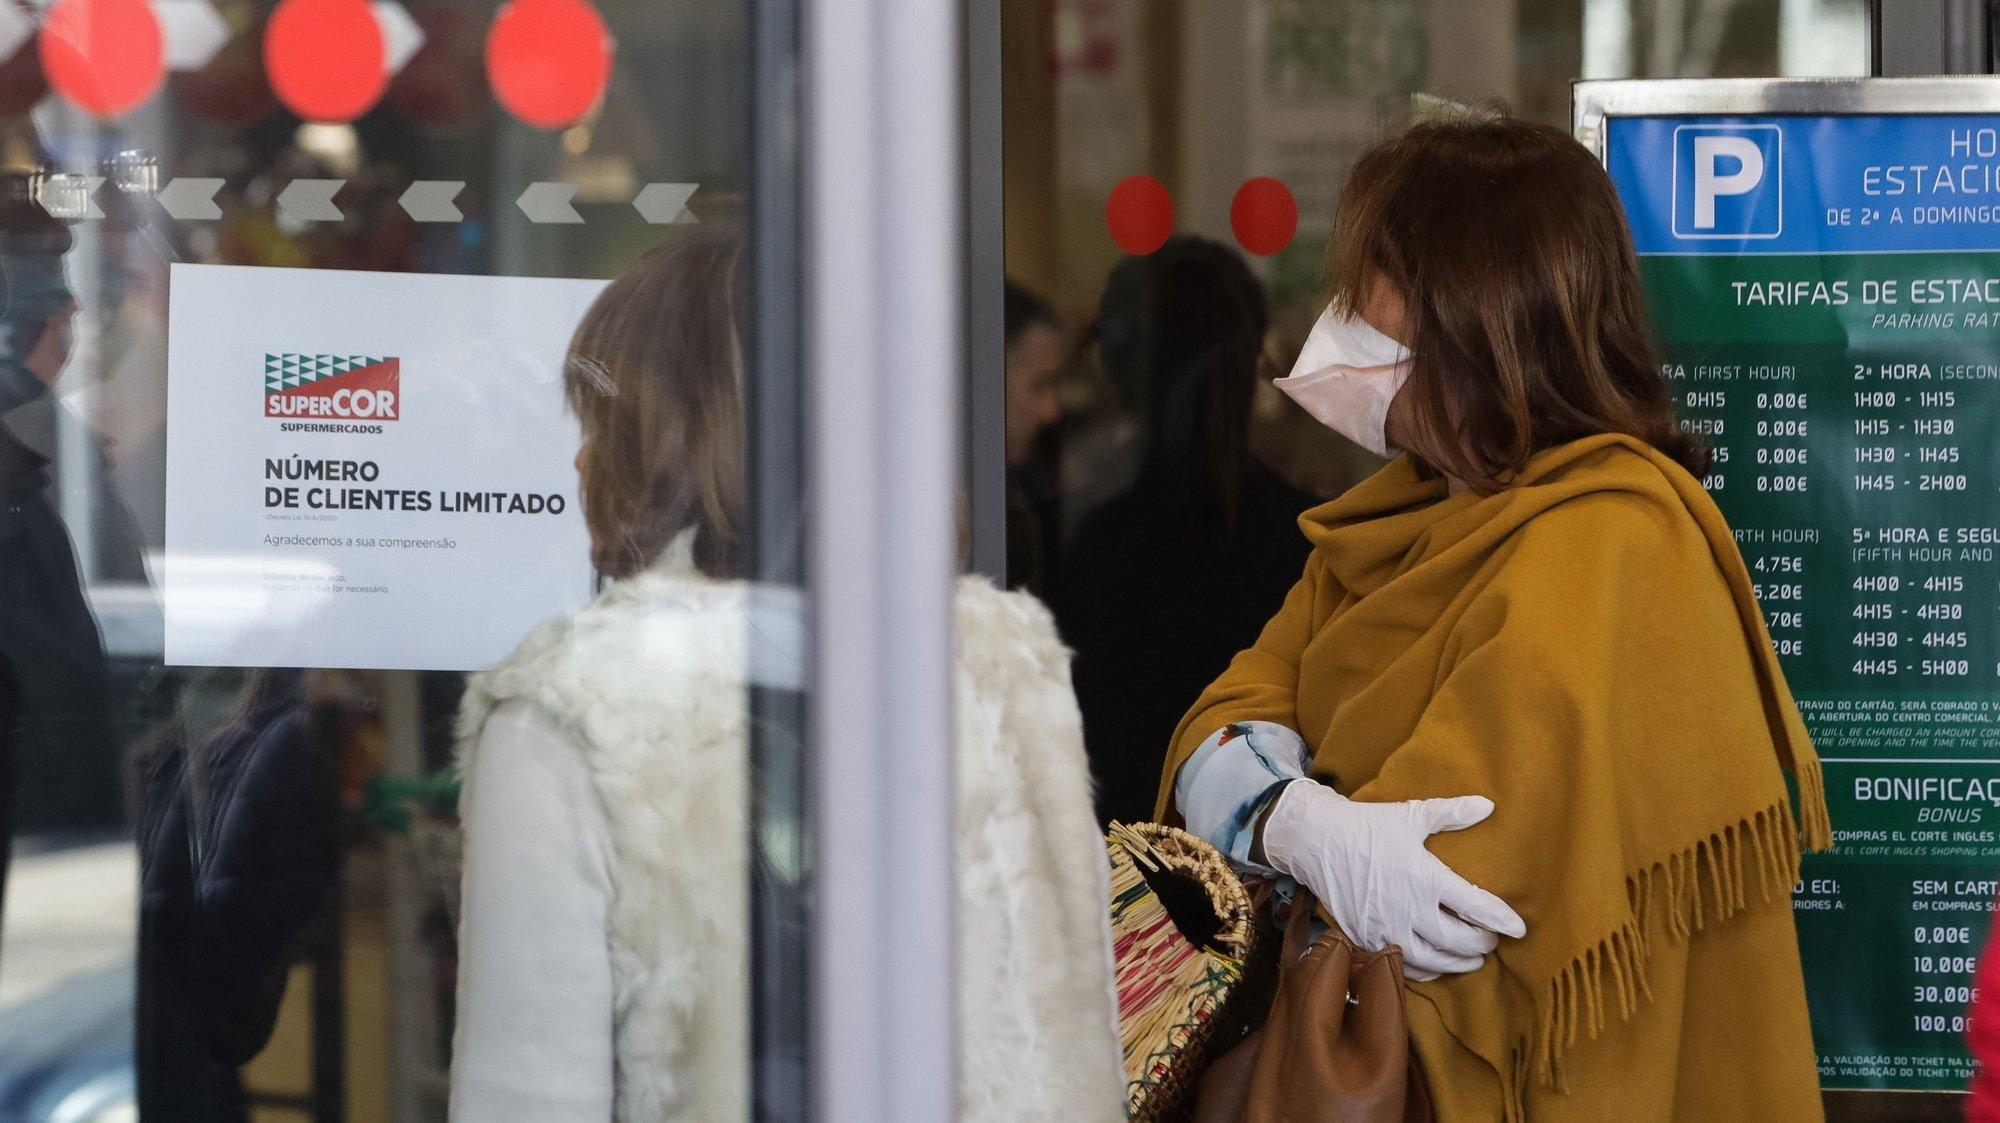 Clientes aguarda para entrar num supermercado devido à limitação de pessoas no interior dos estabelecimentos devido à pandemia do Covid-19, em Coimbra, 17 de março de 2020. O boletim diário da Direção-Geral da Saúde (DGS), há 331 pessoas infetadas até hoje, sendo que, dos casos confirmados, 192 estão a recuperar em casa e 139 estão internados, 18 dos quais em Unidades de Cuidados Intensivos e um morto. PAULO NOVAIS/LUSA